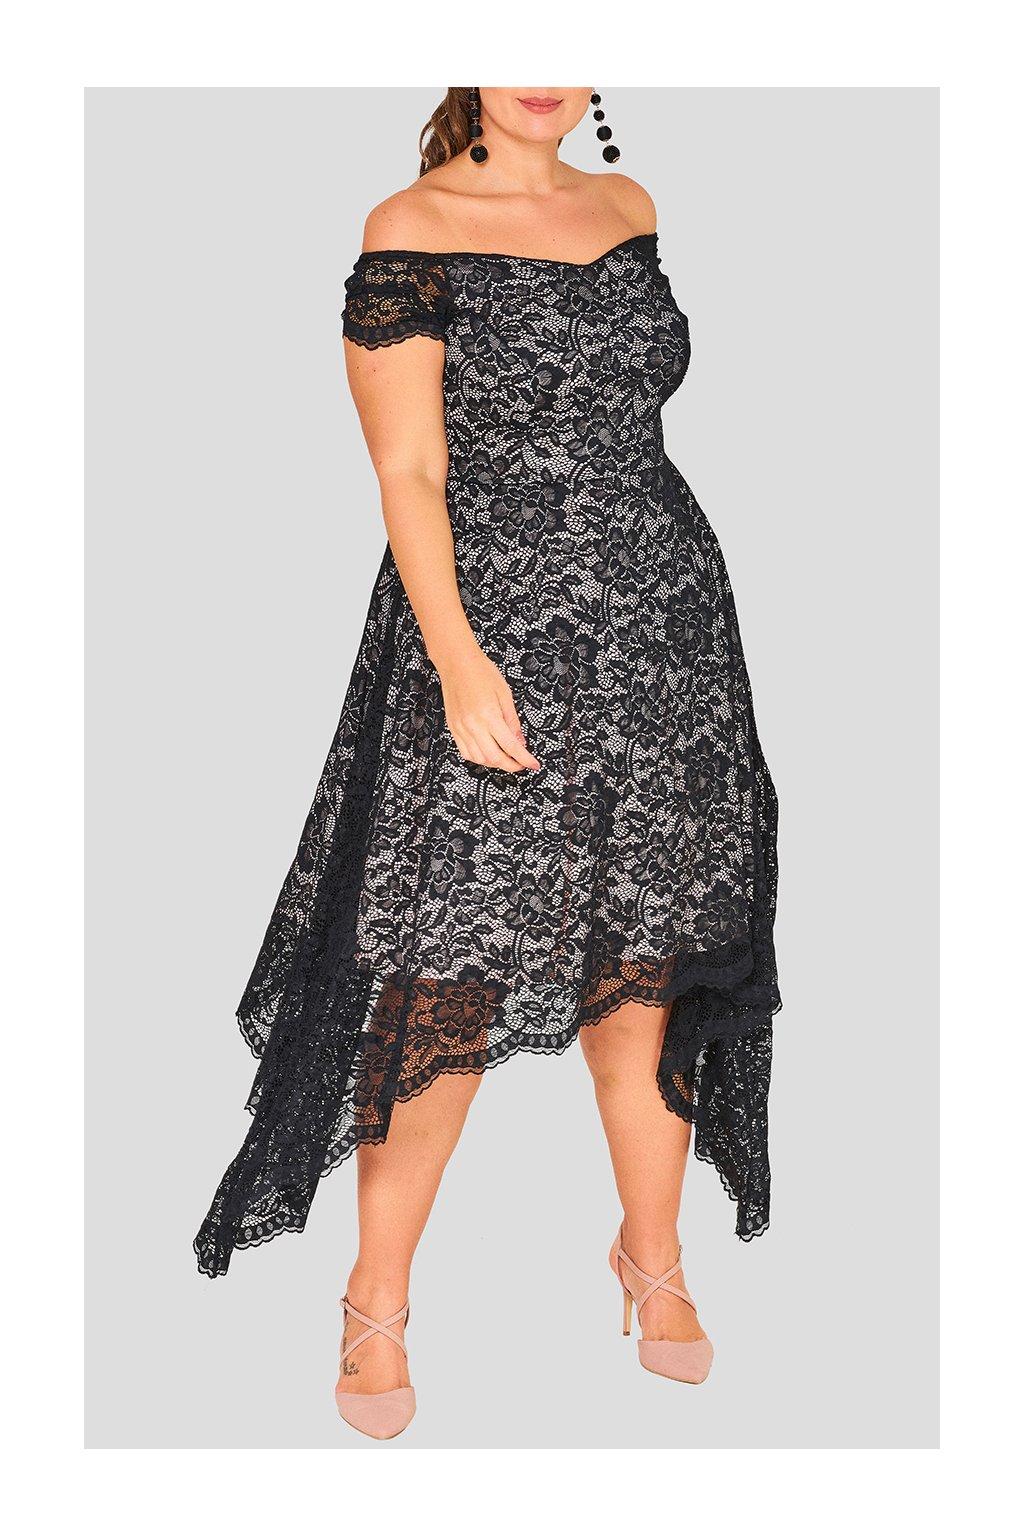 Krásné krajkové šaty Beesands černé 1